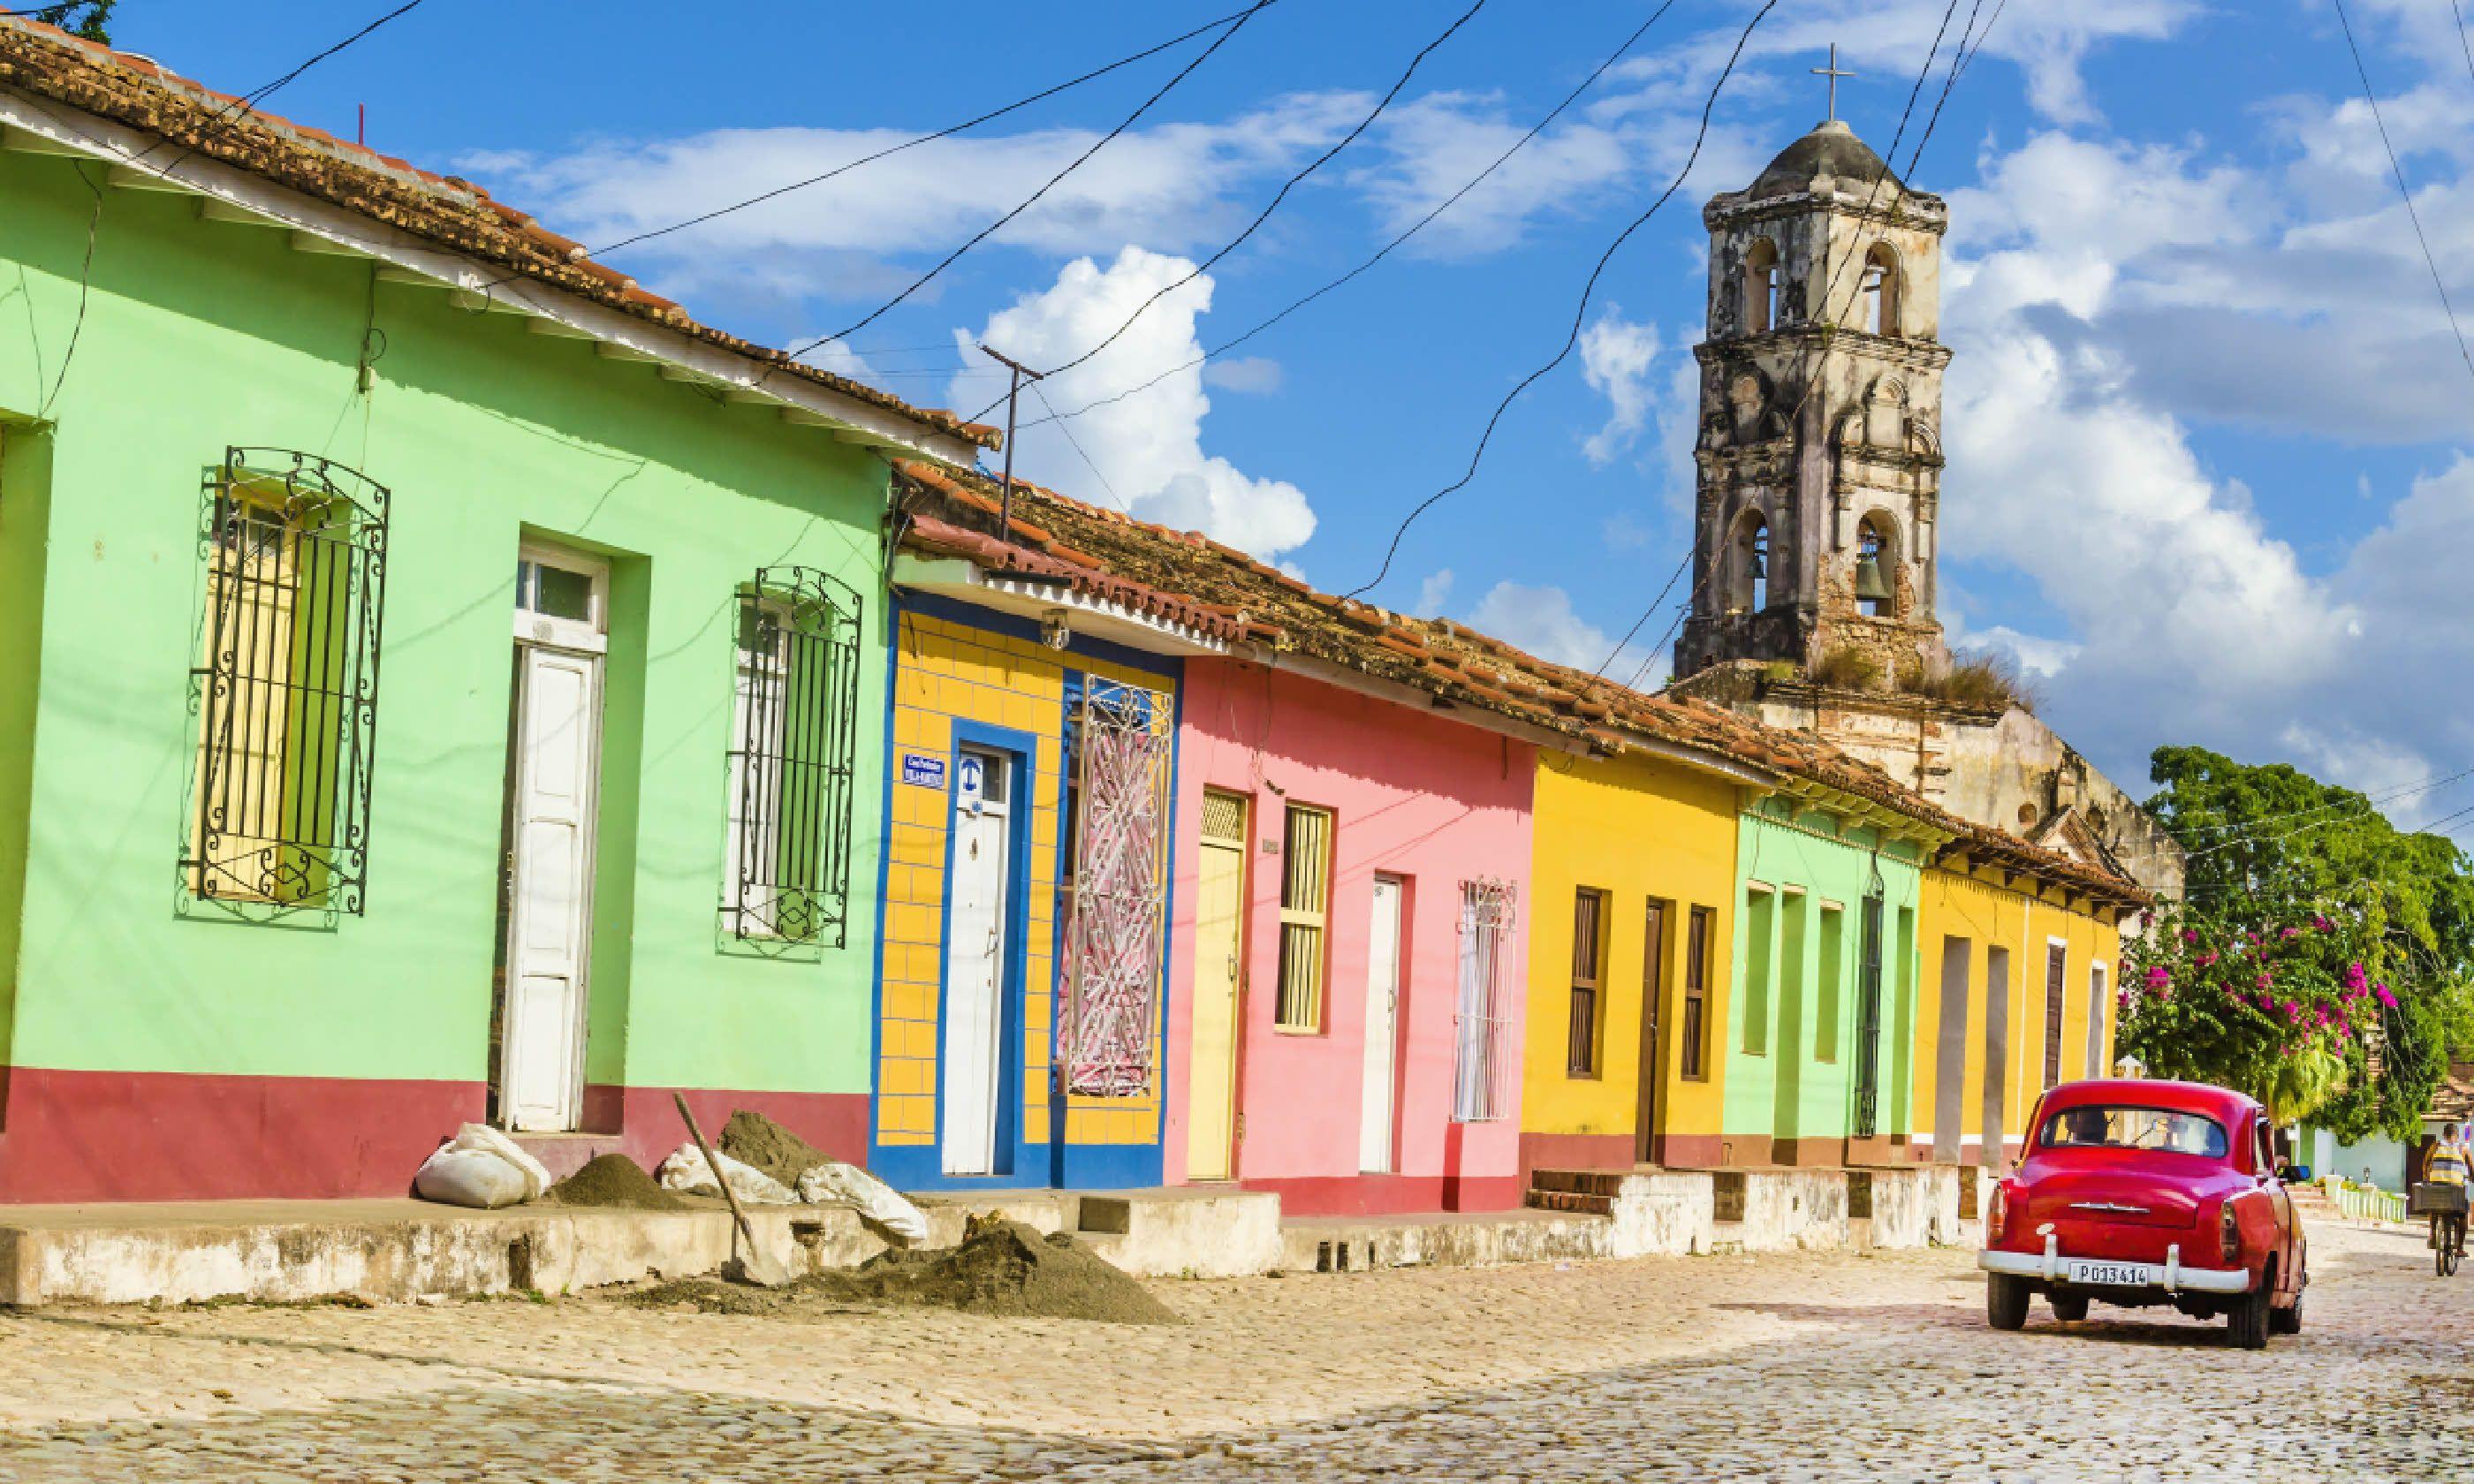 Trinidad, Cuba (Shutterstock)